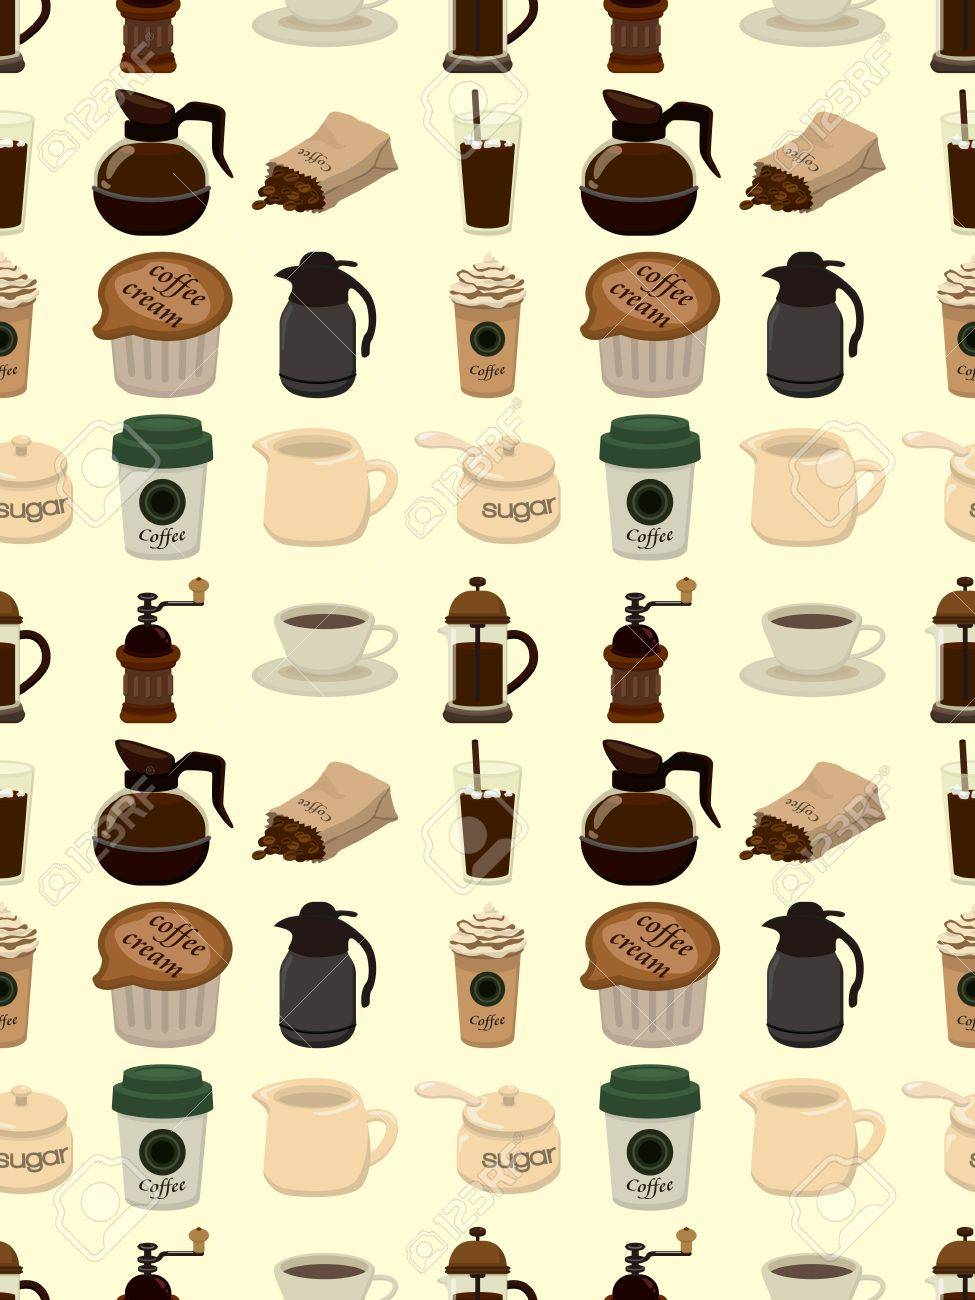 seamless coffee pattern,cartoon illustration Stock Vector - 17560159